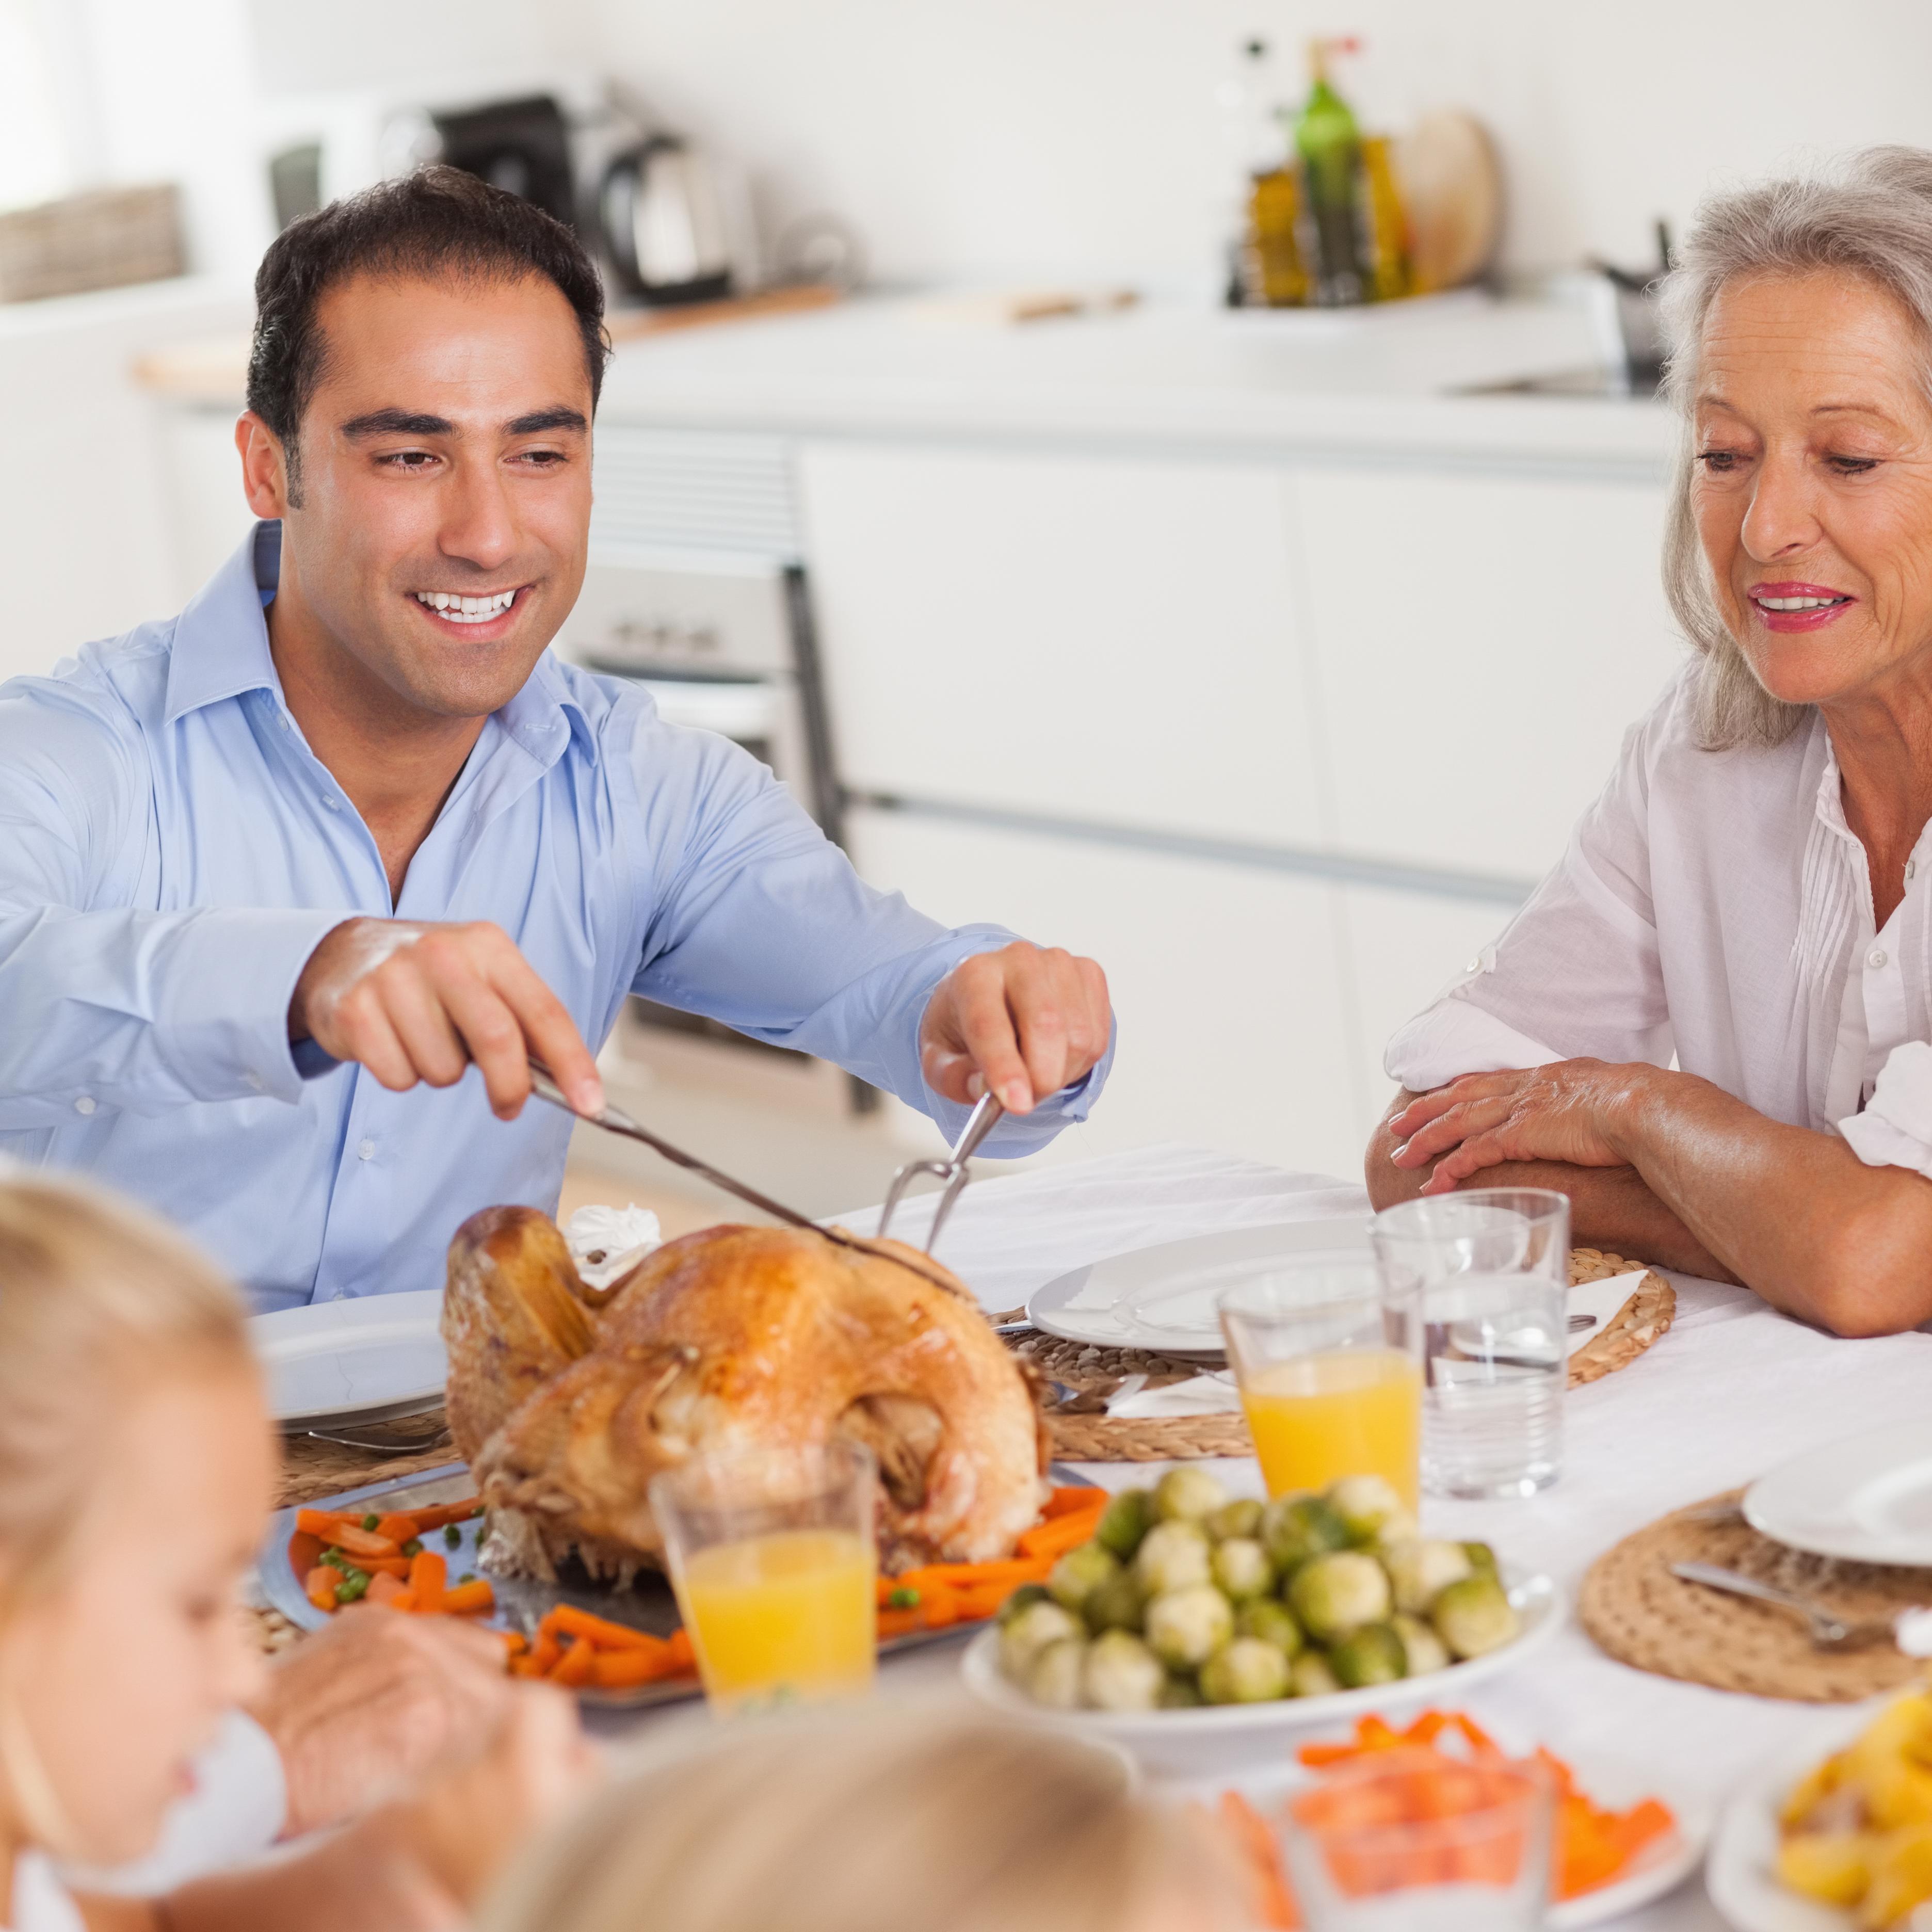 A man carves the Christmas turkey